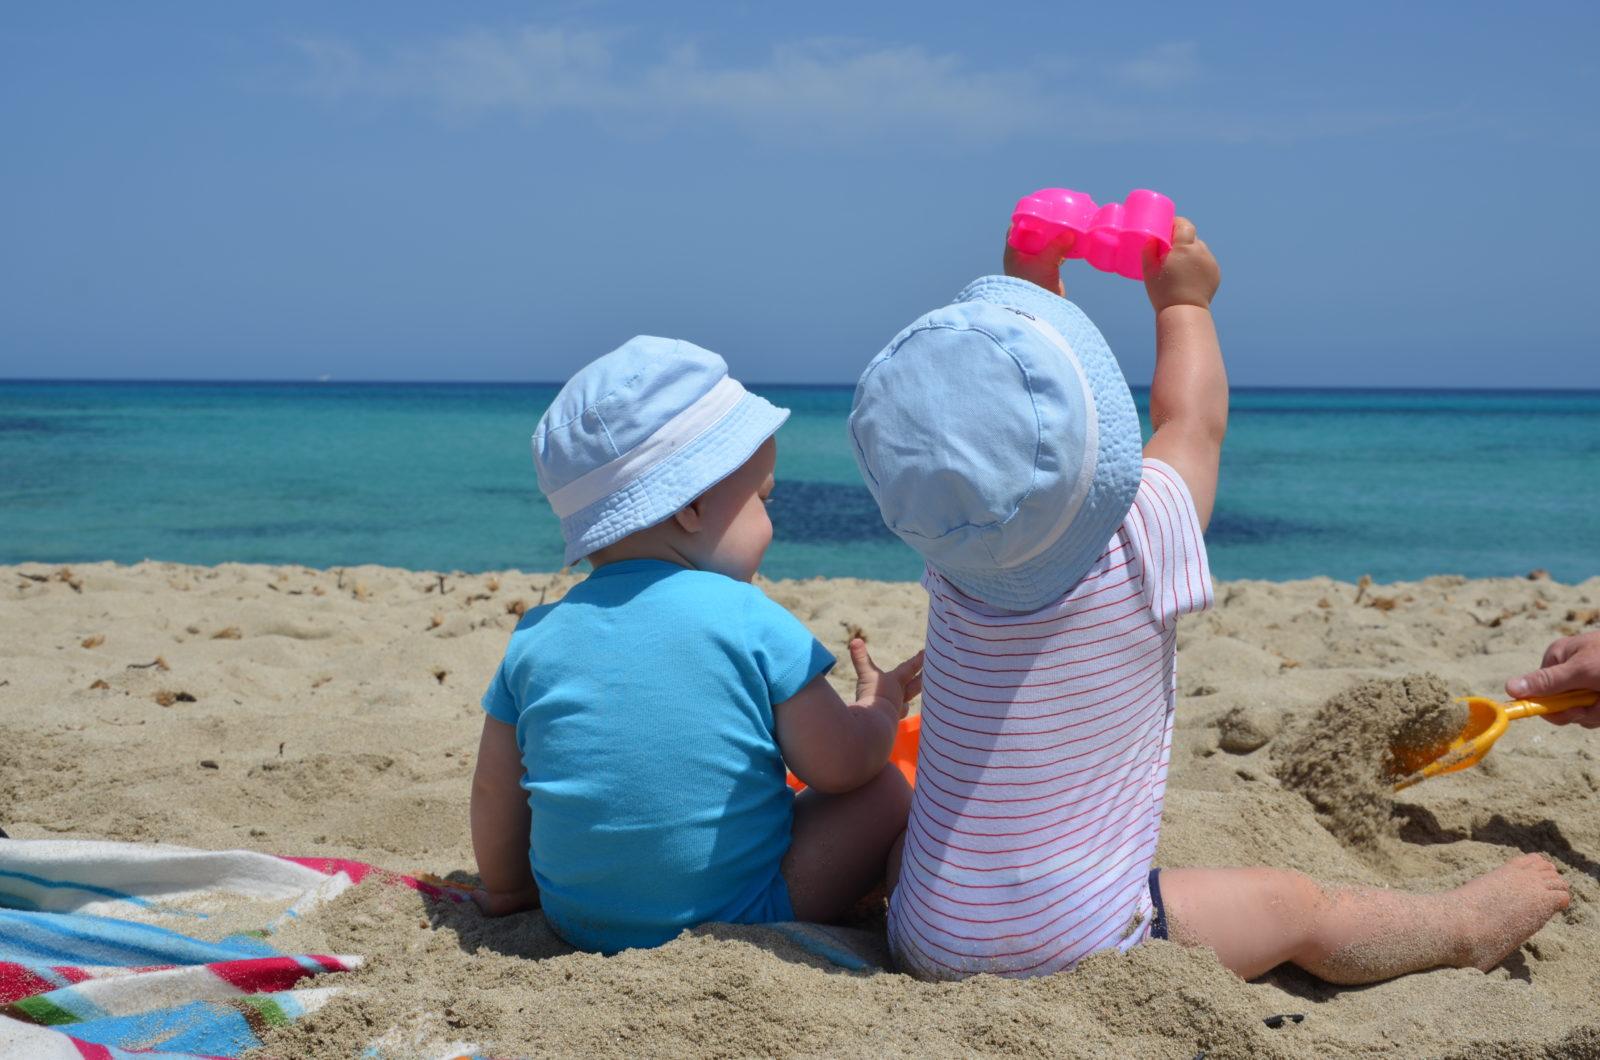 zabawki dla dzieci na plaży